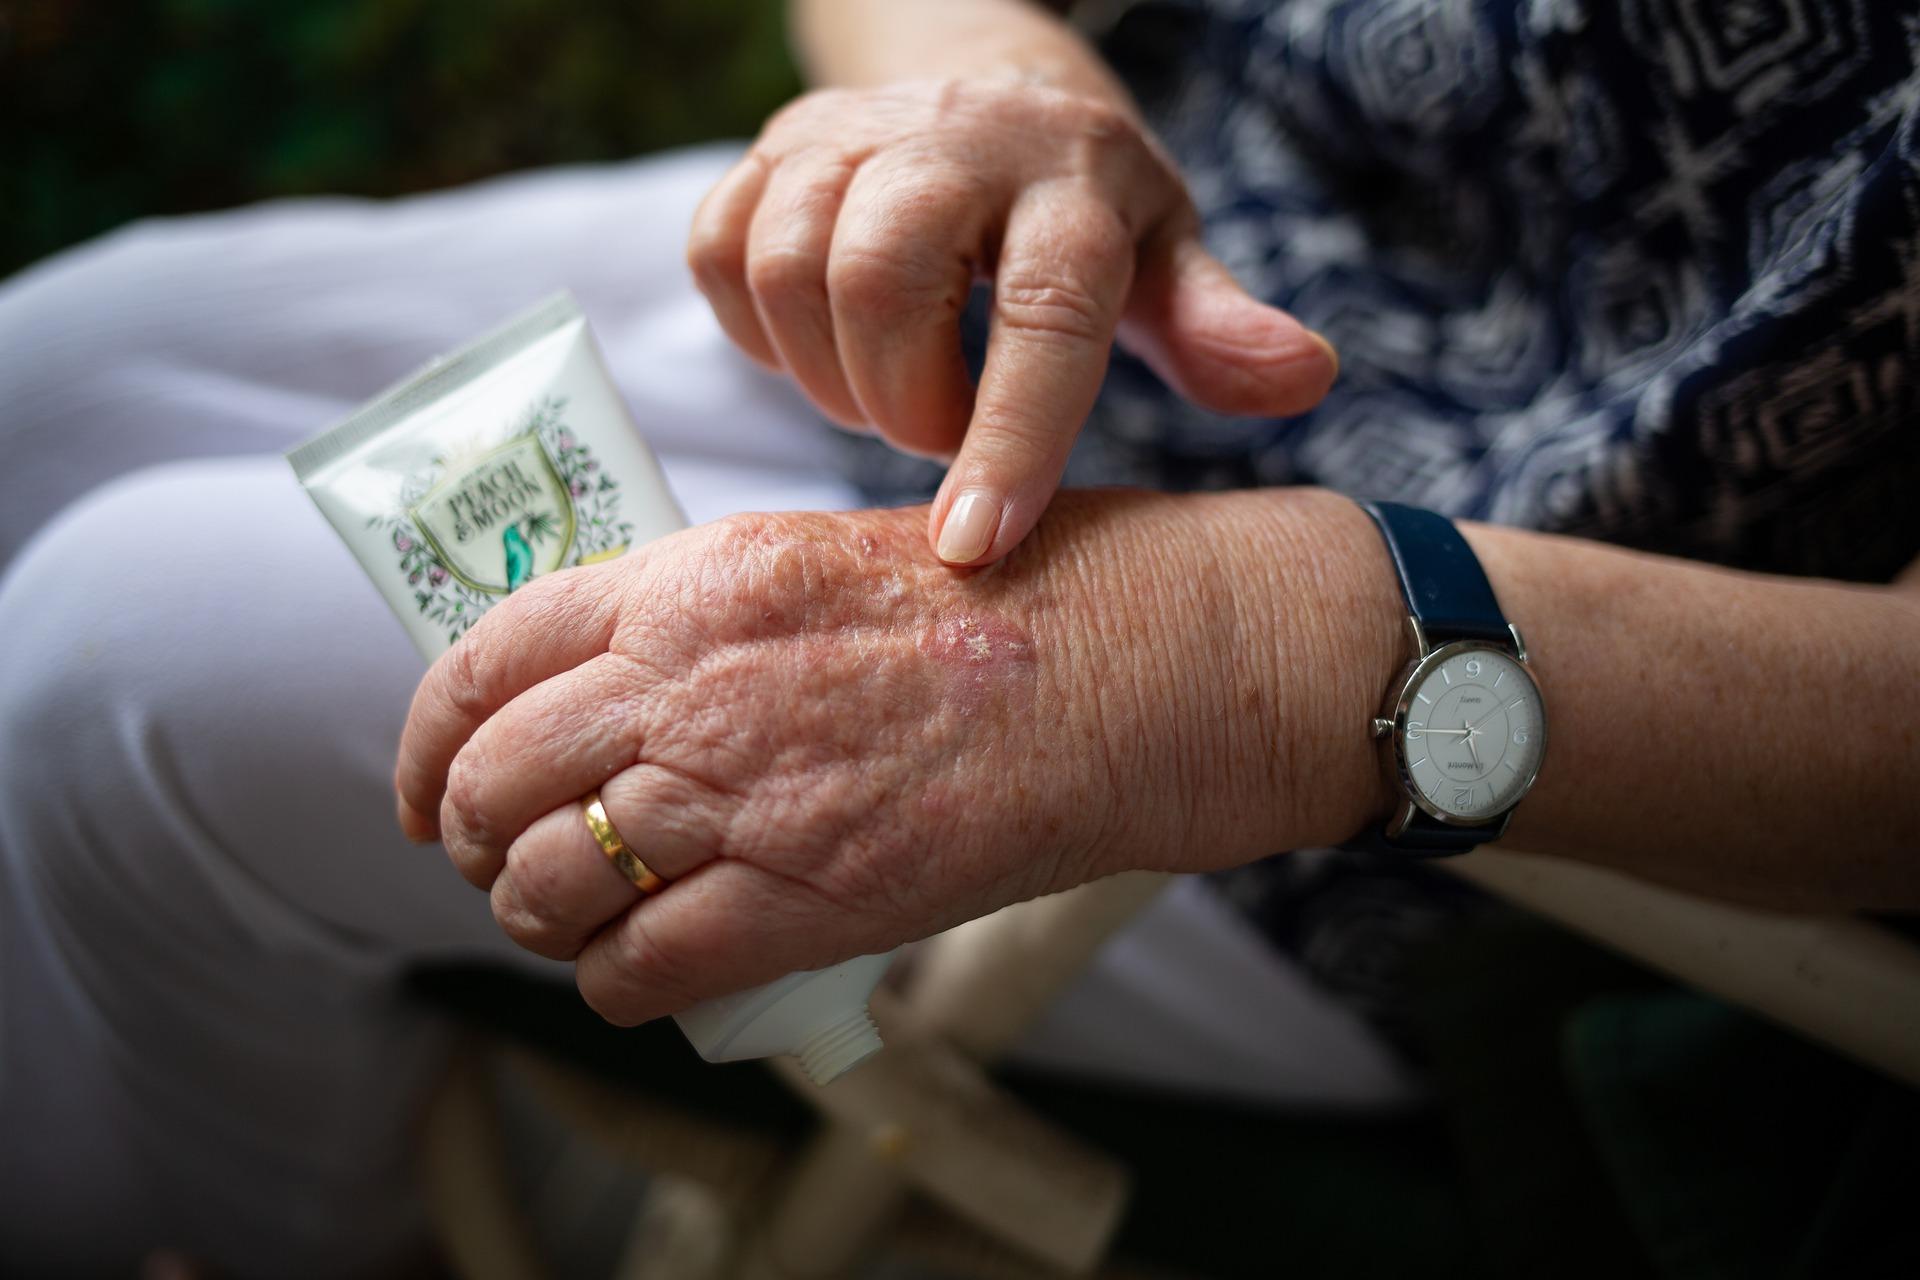 Medicamento contra la artritis ayuda a pacientes críticos de Covid-19: estudio